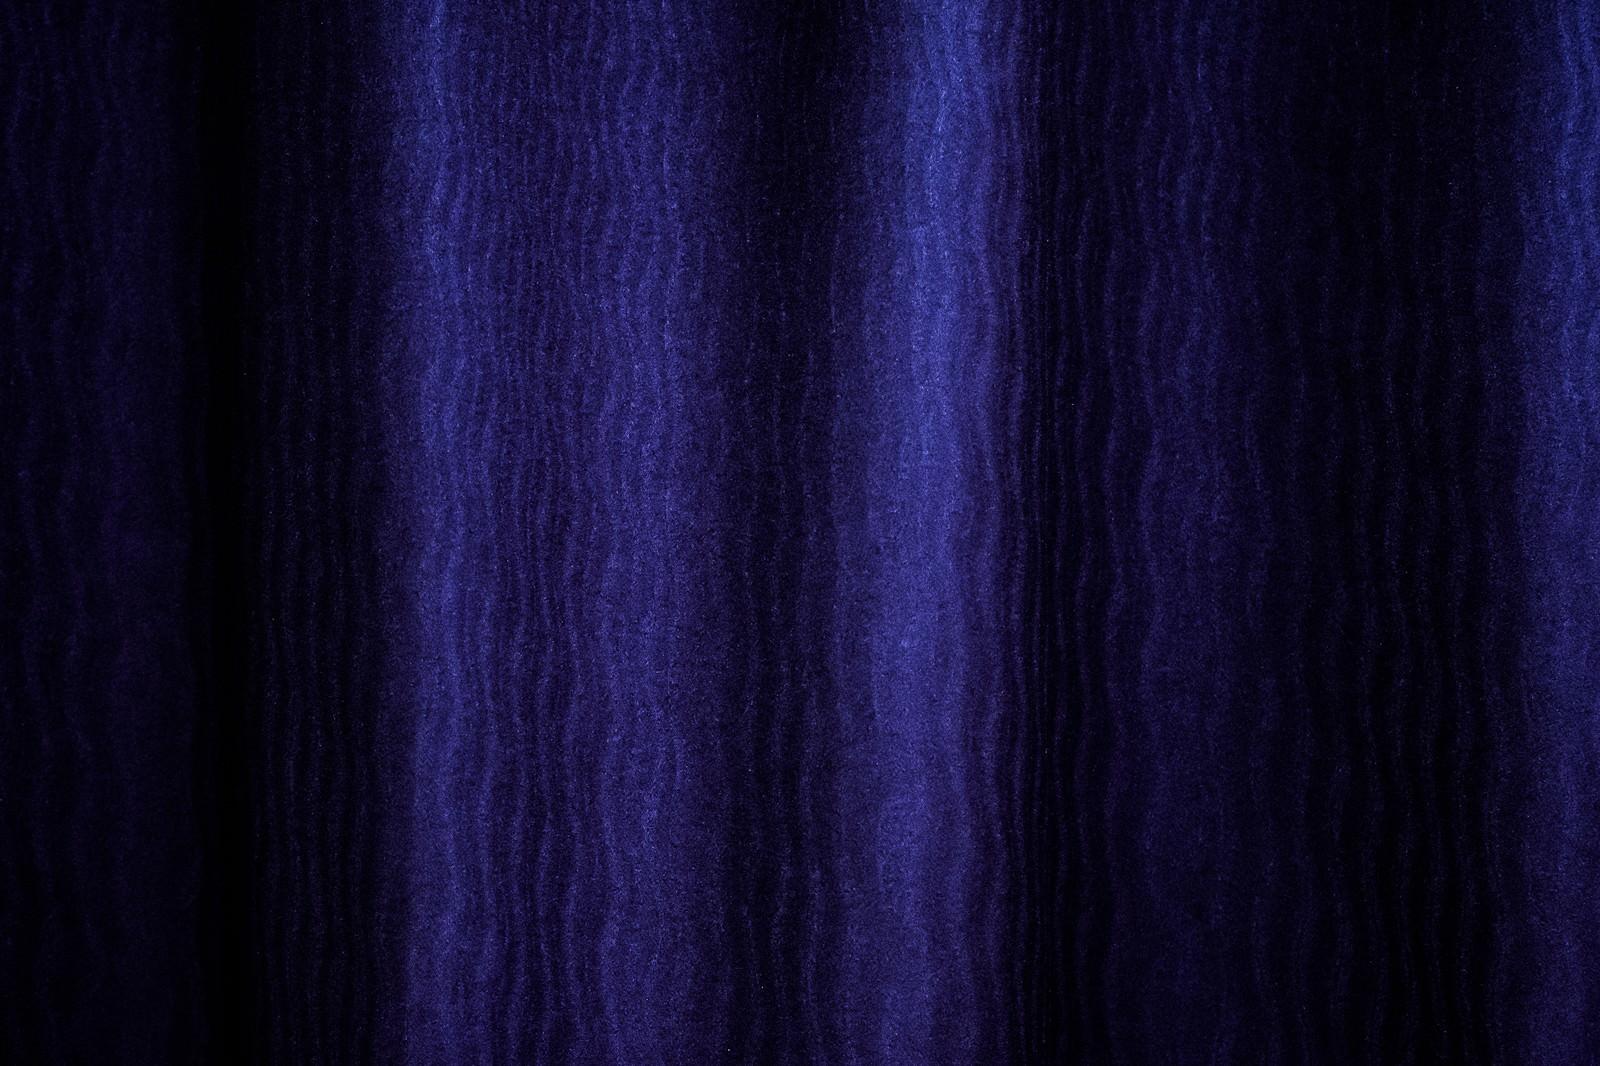 「不気味な波模様(テクスチャー)不気味な波模様(テクスチャー)」のフリー写真素材を拡大